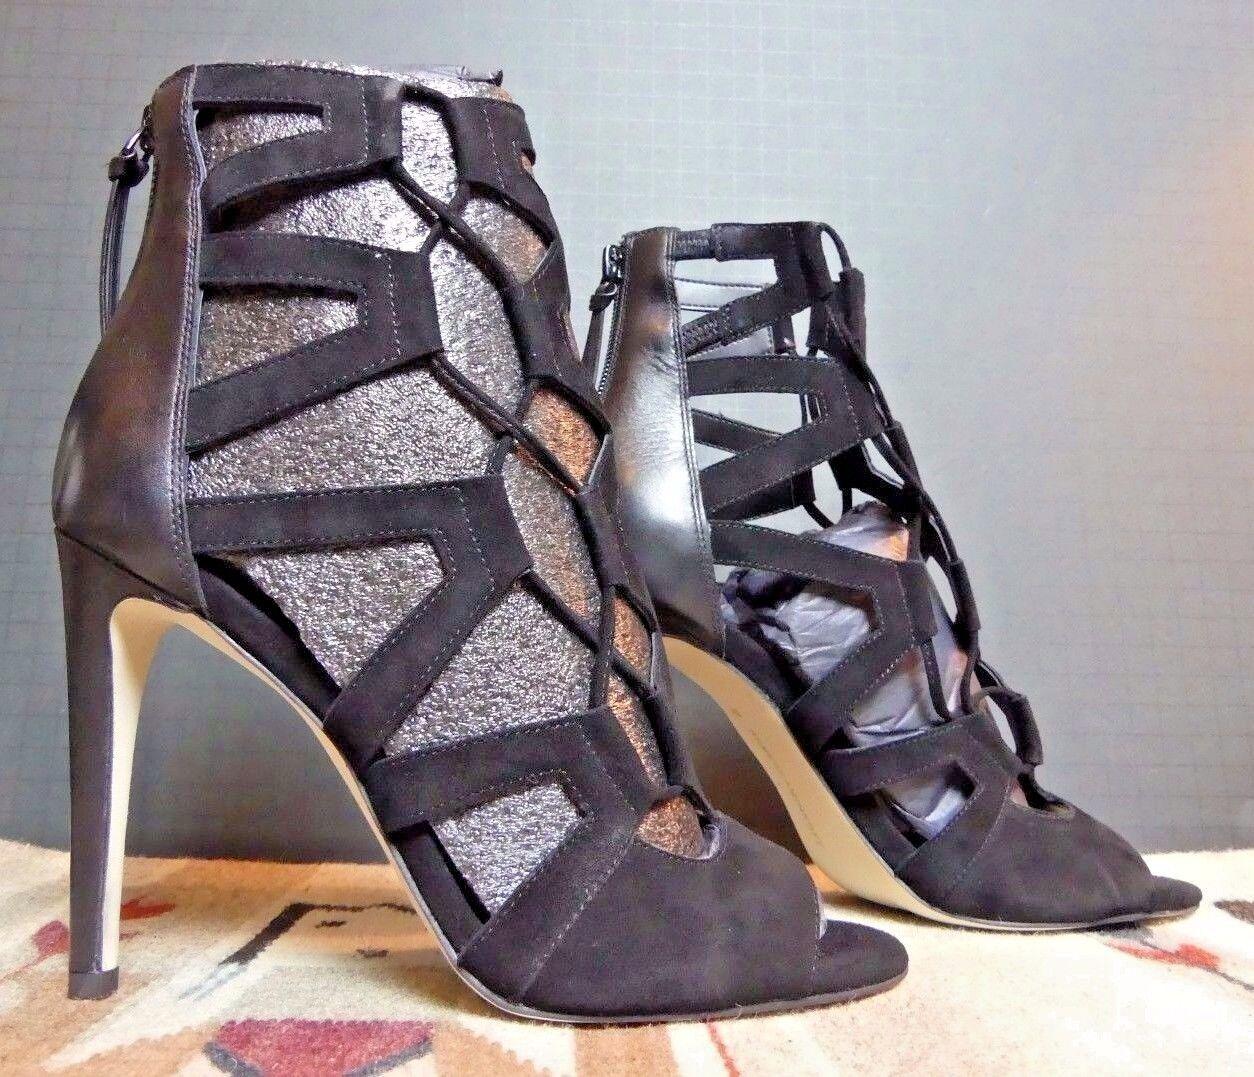 vendita all'ingrosso Donna  Rebecca Rebecca Rebecca Minkoff nero Suede Back Zip Ankle Pierced Heels Sz.8M NWOB WOW   alta qualità generale